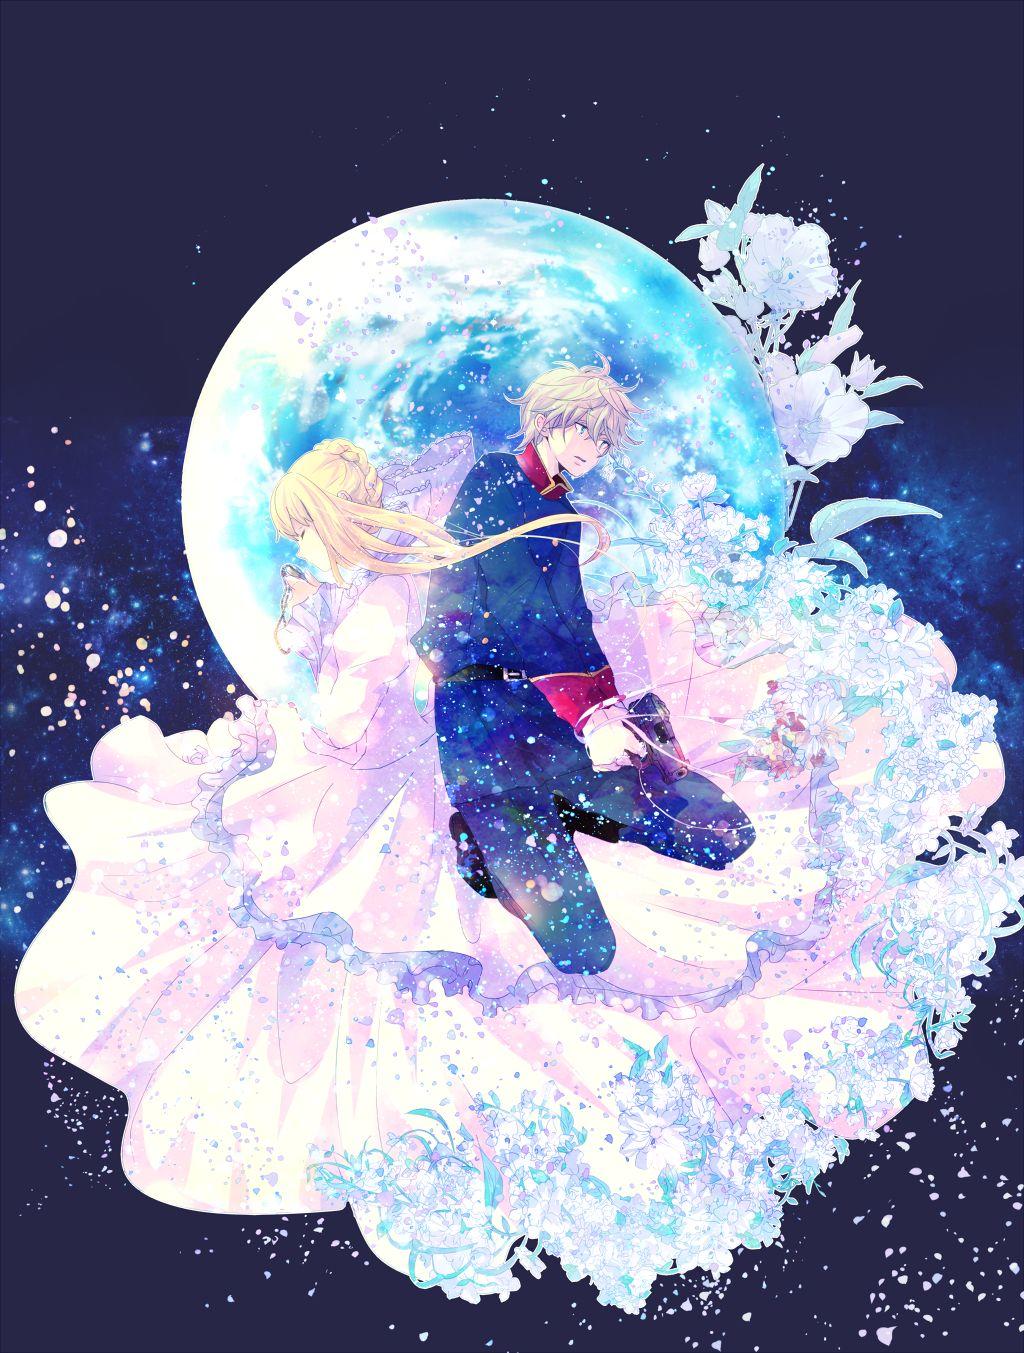 Aldnoah.Zero | Asseylum Vers Allusia x Slaine Troyard | OTP | Anime | Fanart | SailorMeowMeow